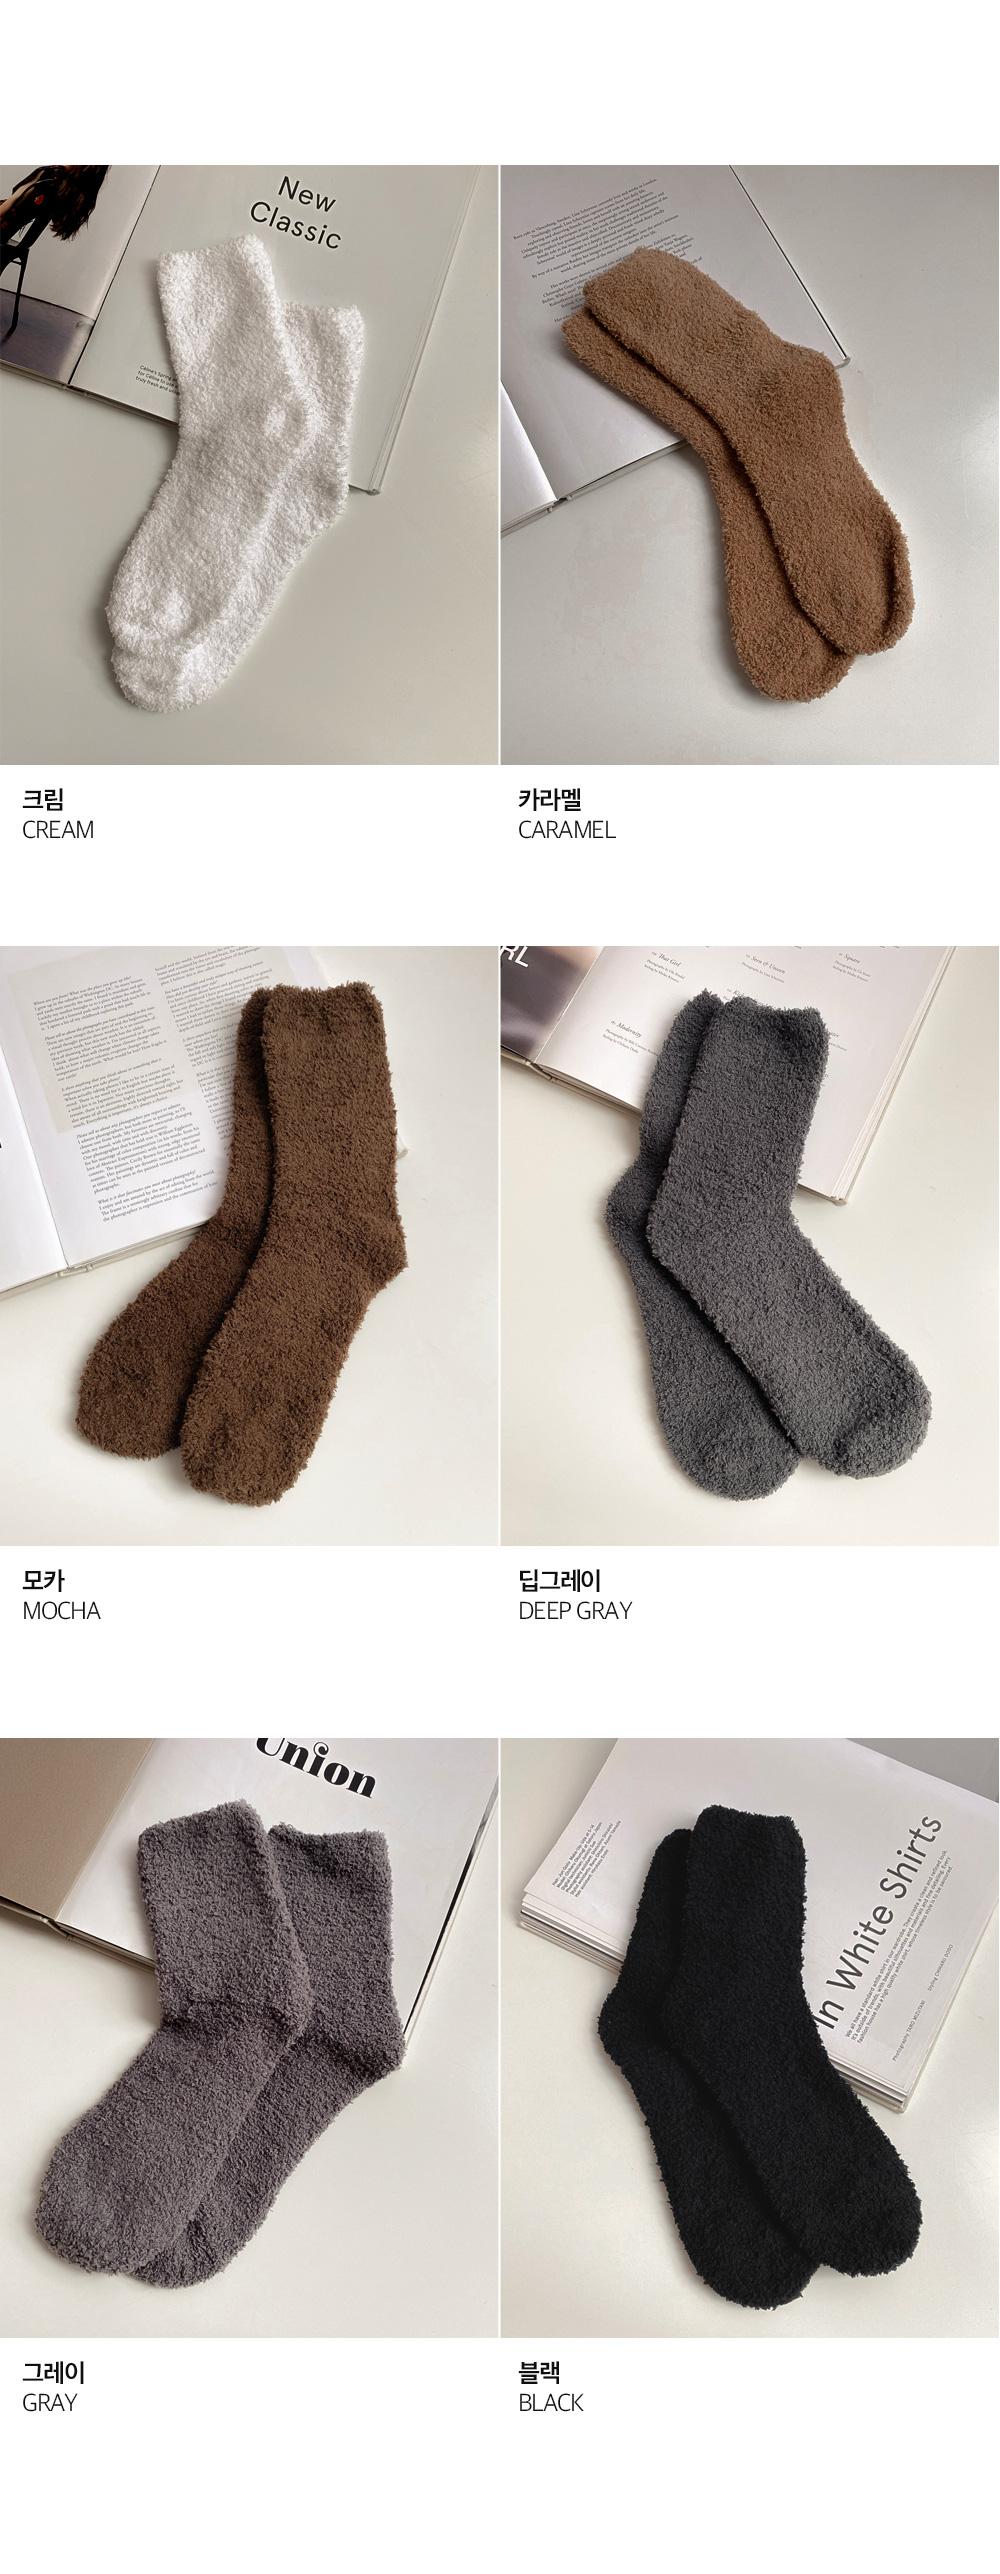 Microfiber Plain Soft Sleep Socks Set of 6